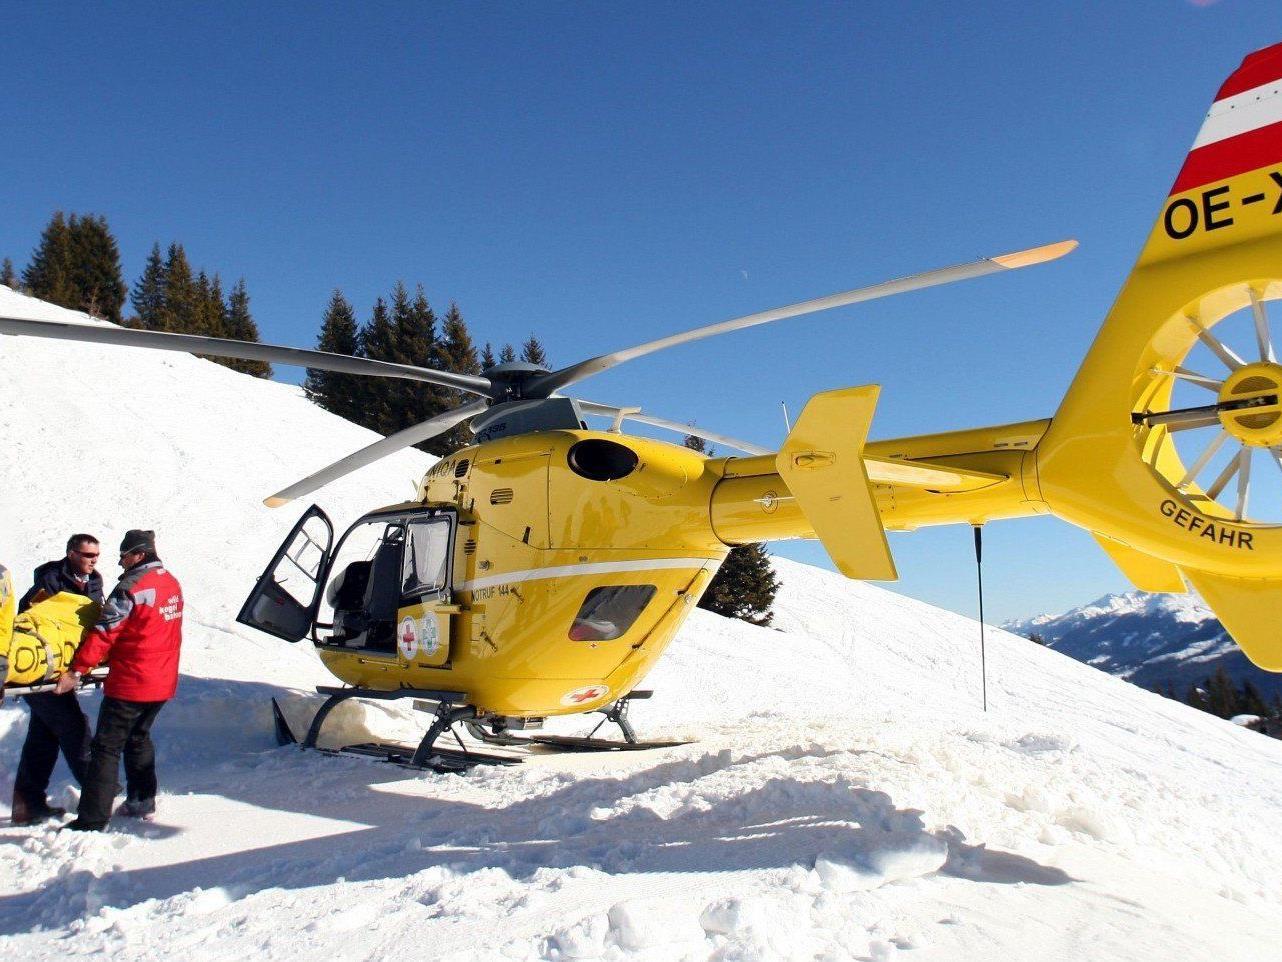 Ein sechsjähriger Bub aus Wien wurde bei einem Ski-Unfall in Tirol schwer verletzt.